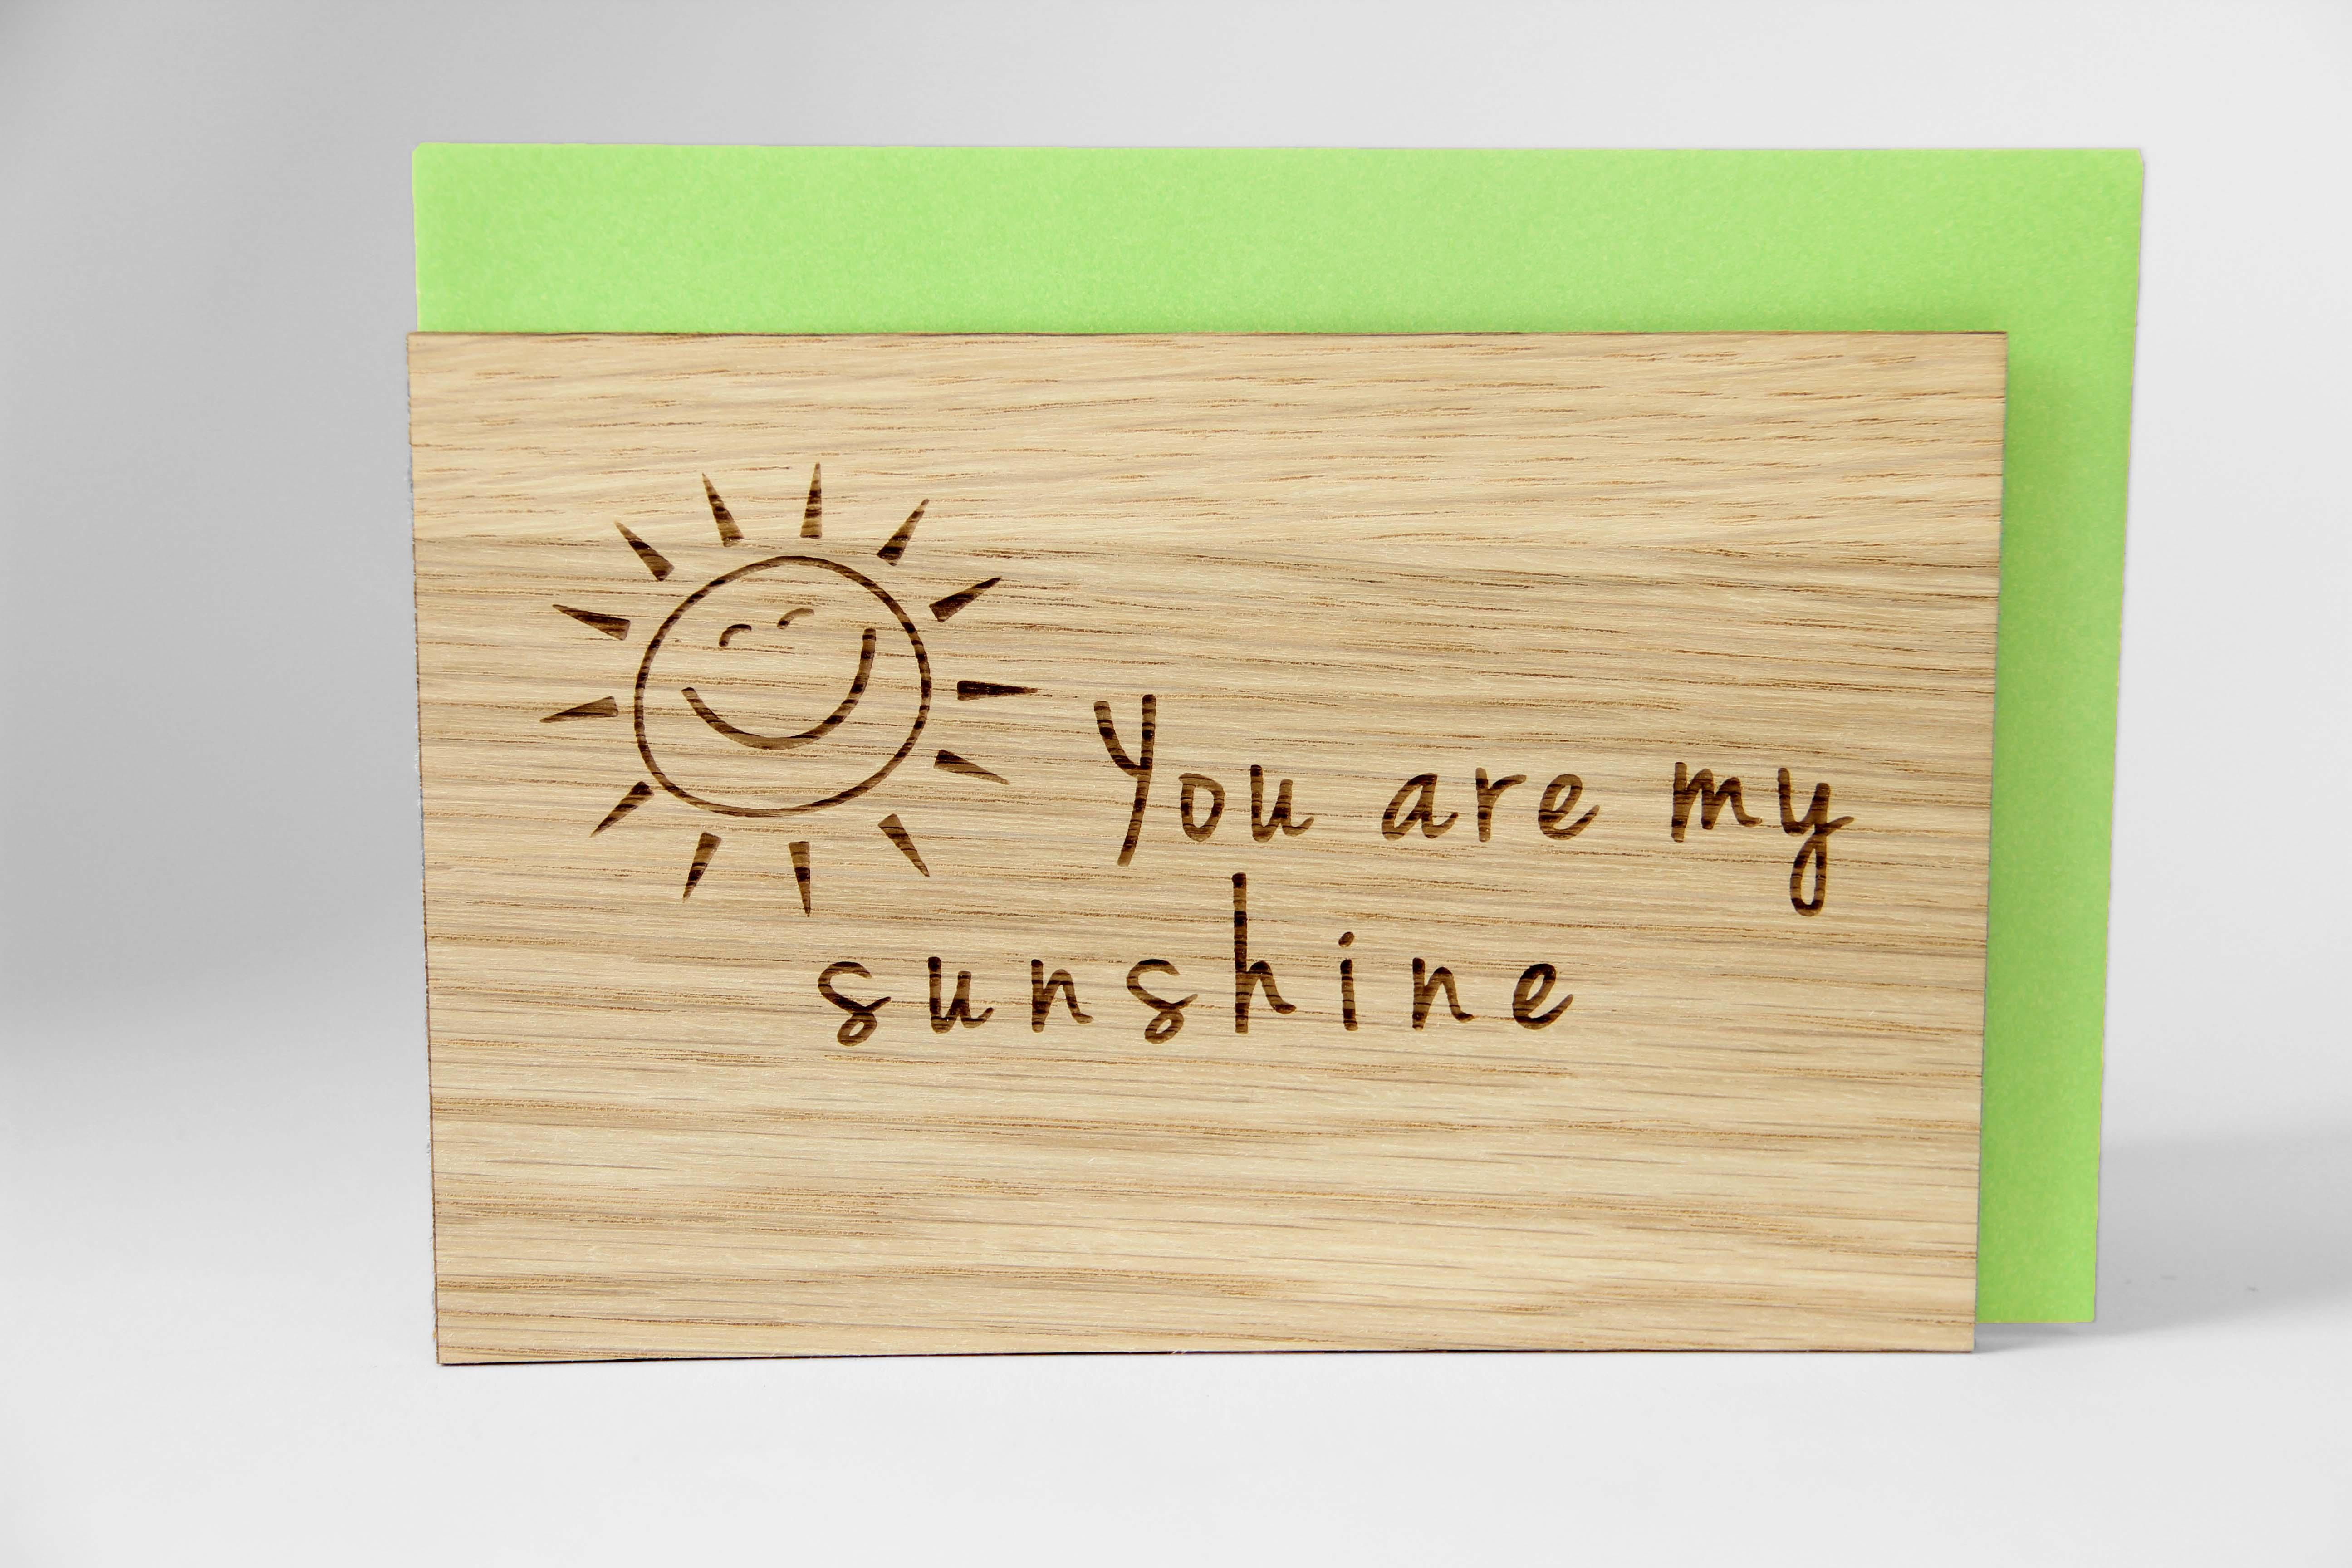 Original Holzgrußkarte - Your are my sunshine - 100% handmade in Österreich, aus Eichenholz gefertigte Geschenkkarte, Geburtstagskarte, Grußkarte, Klappkarte, Postkarte, Liebe, Geschenk für Valentinstag - Jahrestag, Freundschaftskarte